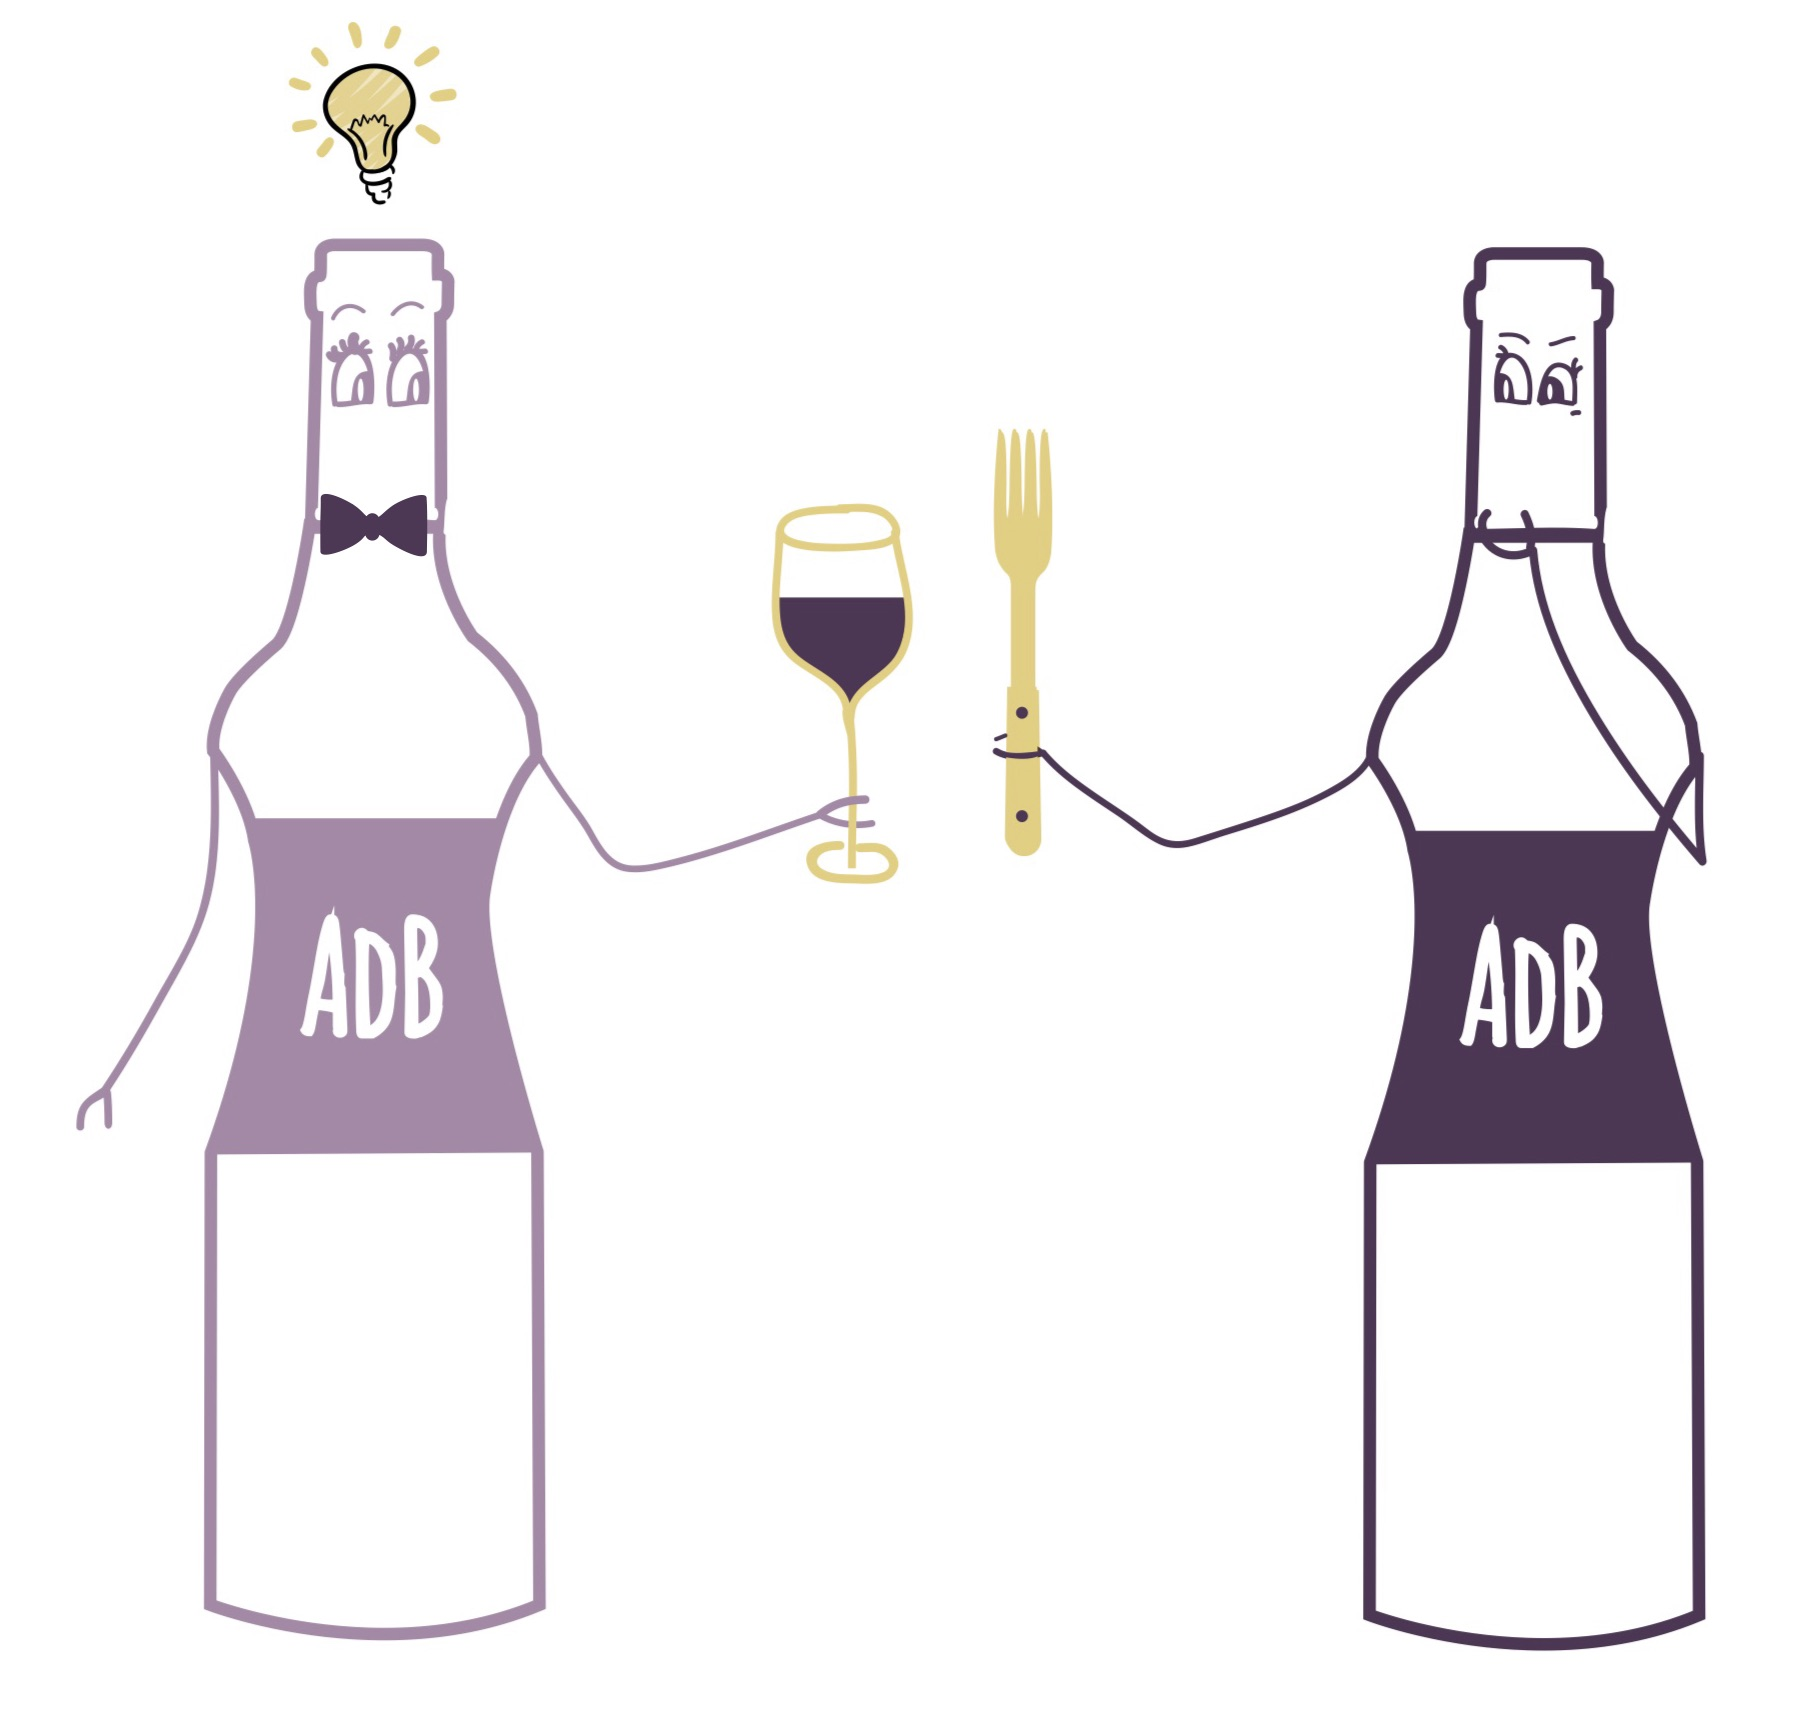 les-ateliers-de-bacchus-accords-mets-vins